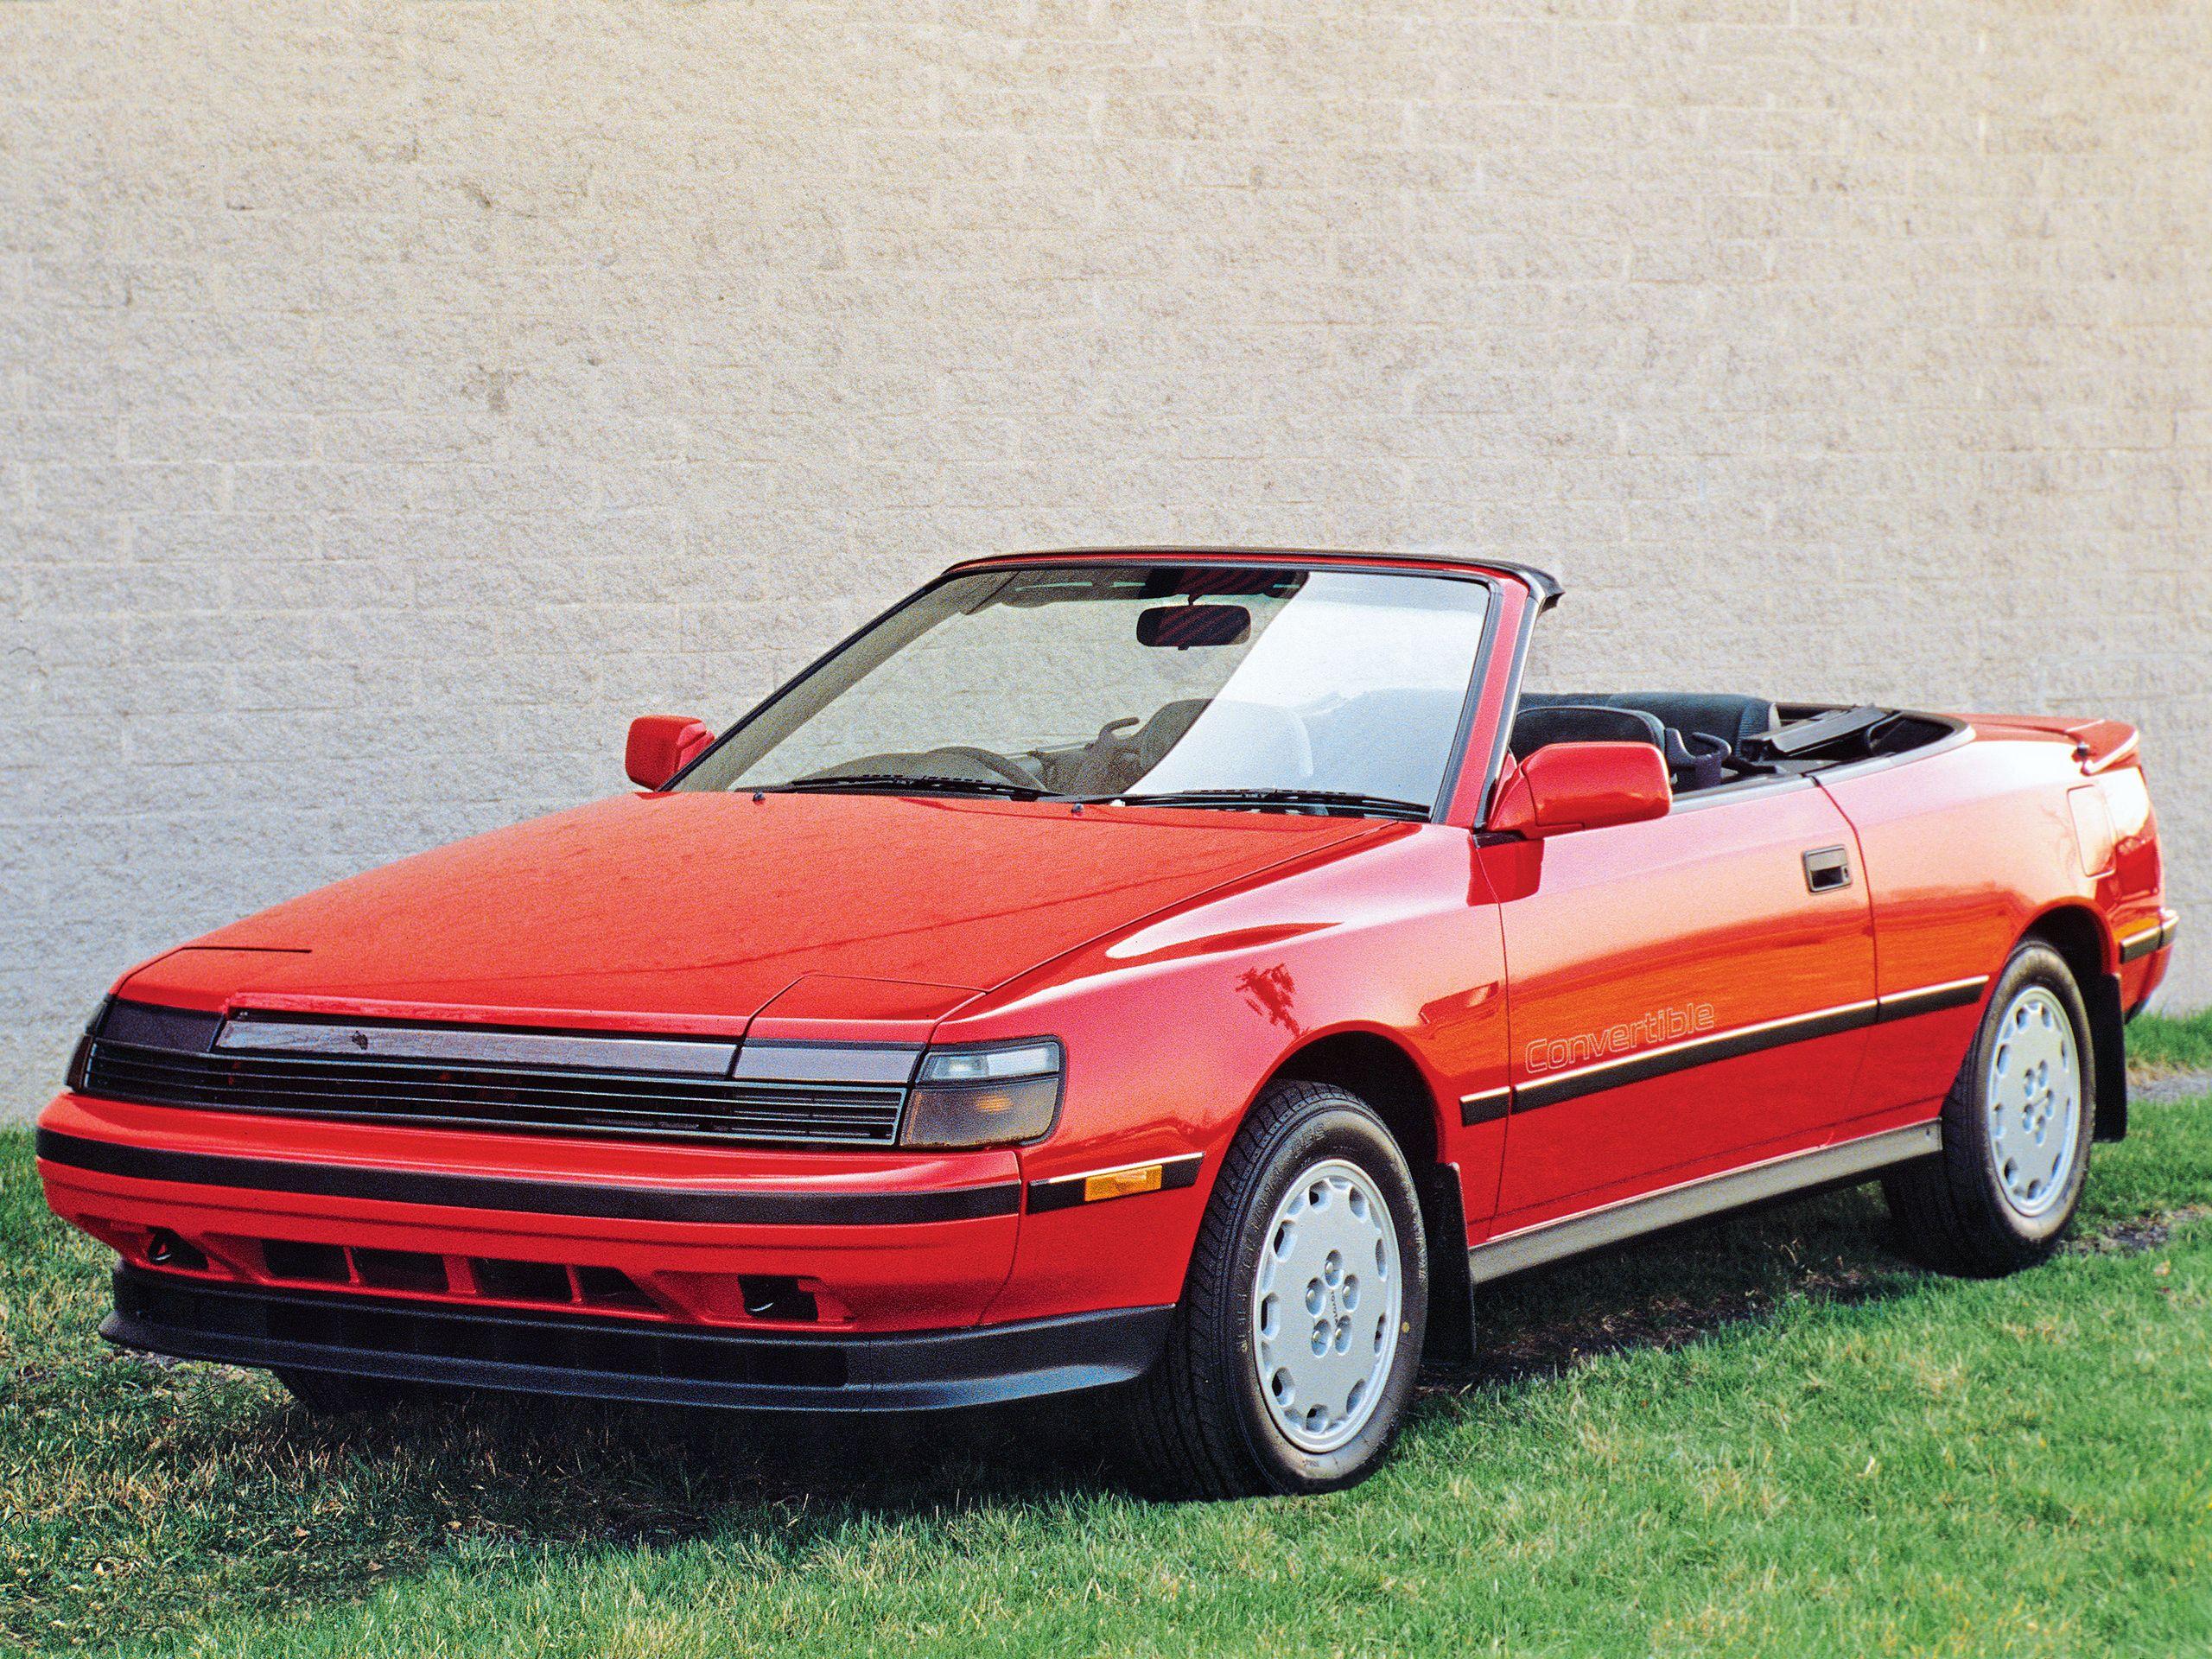 1988 Toyota Celica 2 0 Gti Cabrio St162